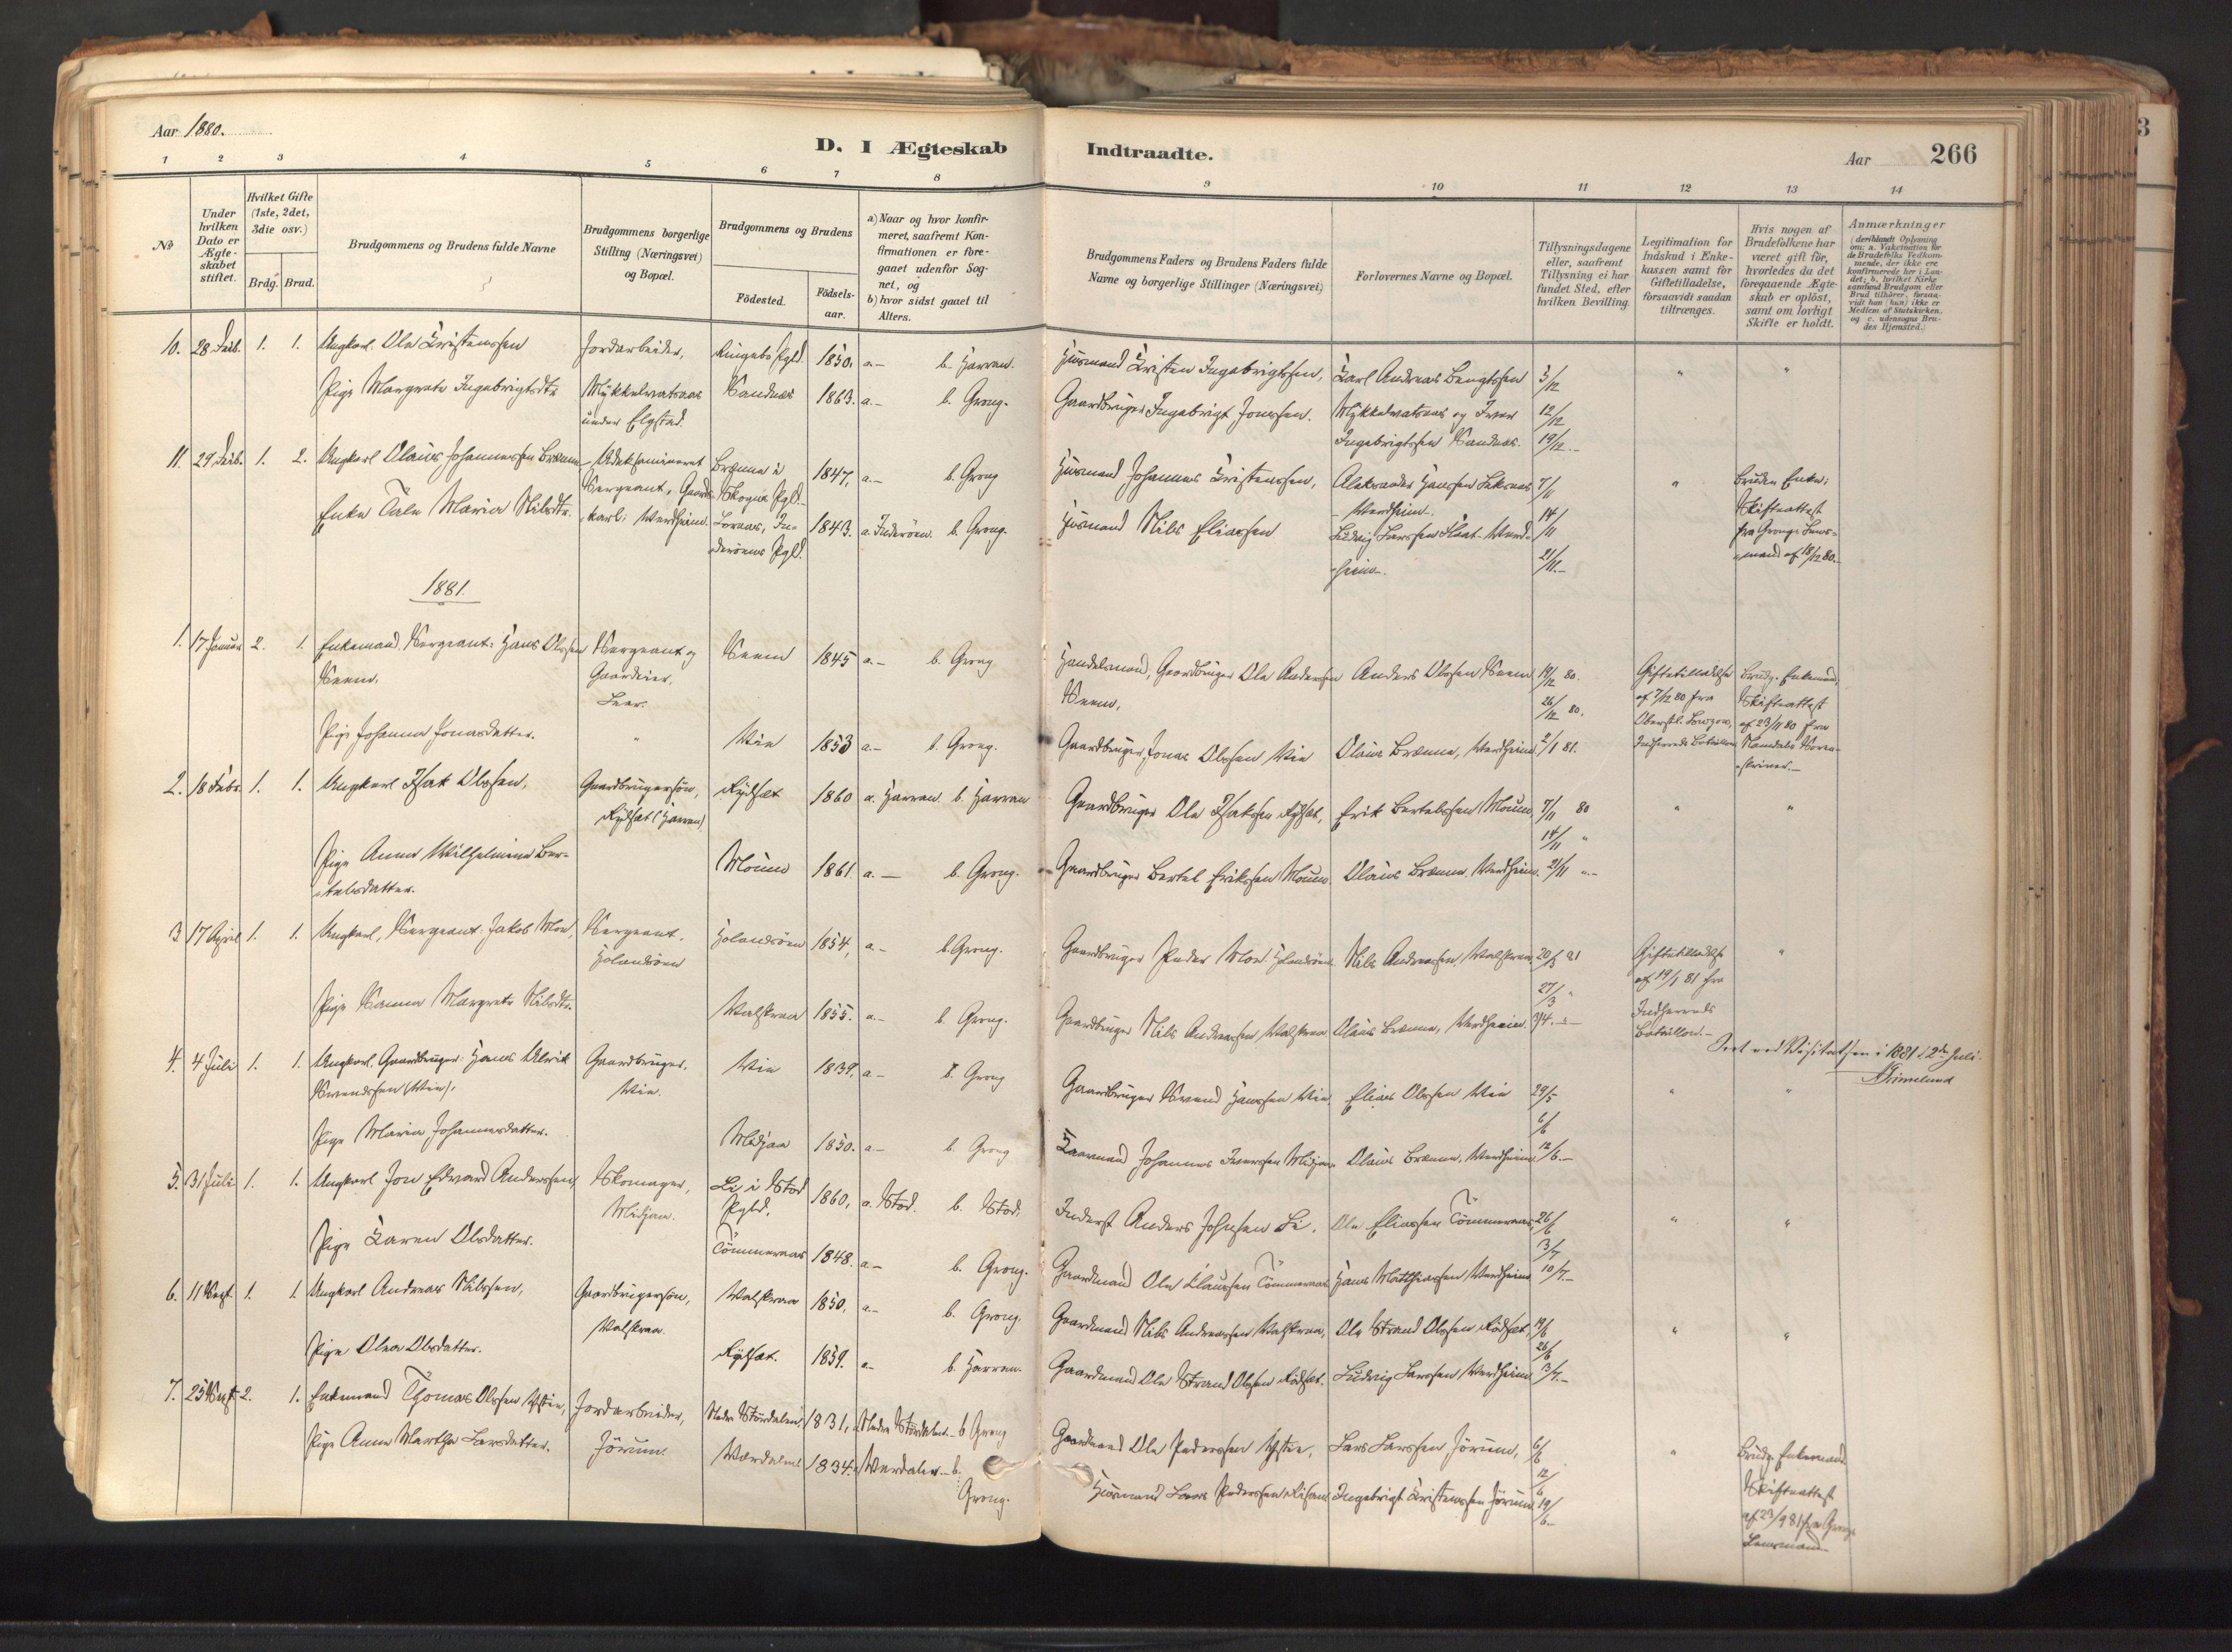 SAT, Ministerialprotokoller, klokkerbøker og fødselsregistre - Nord-Trøndelag, 758/L0519: Ministerialbok nr. 758A04, 1880-1926, s. 266